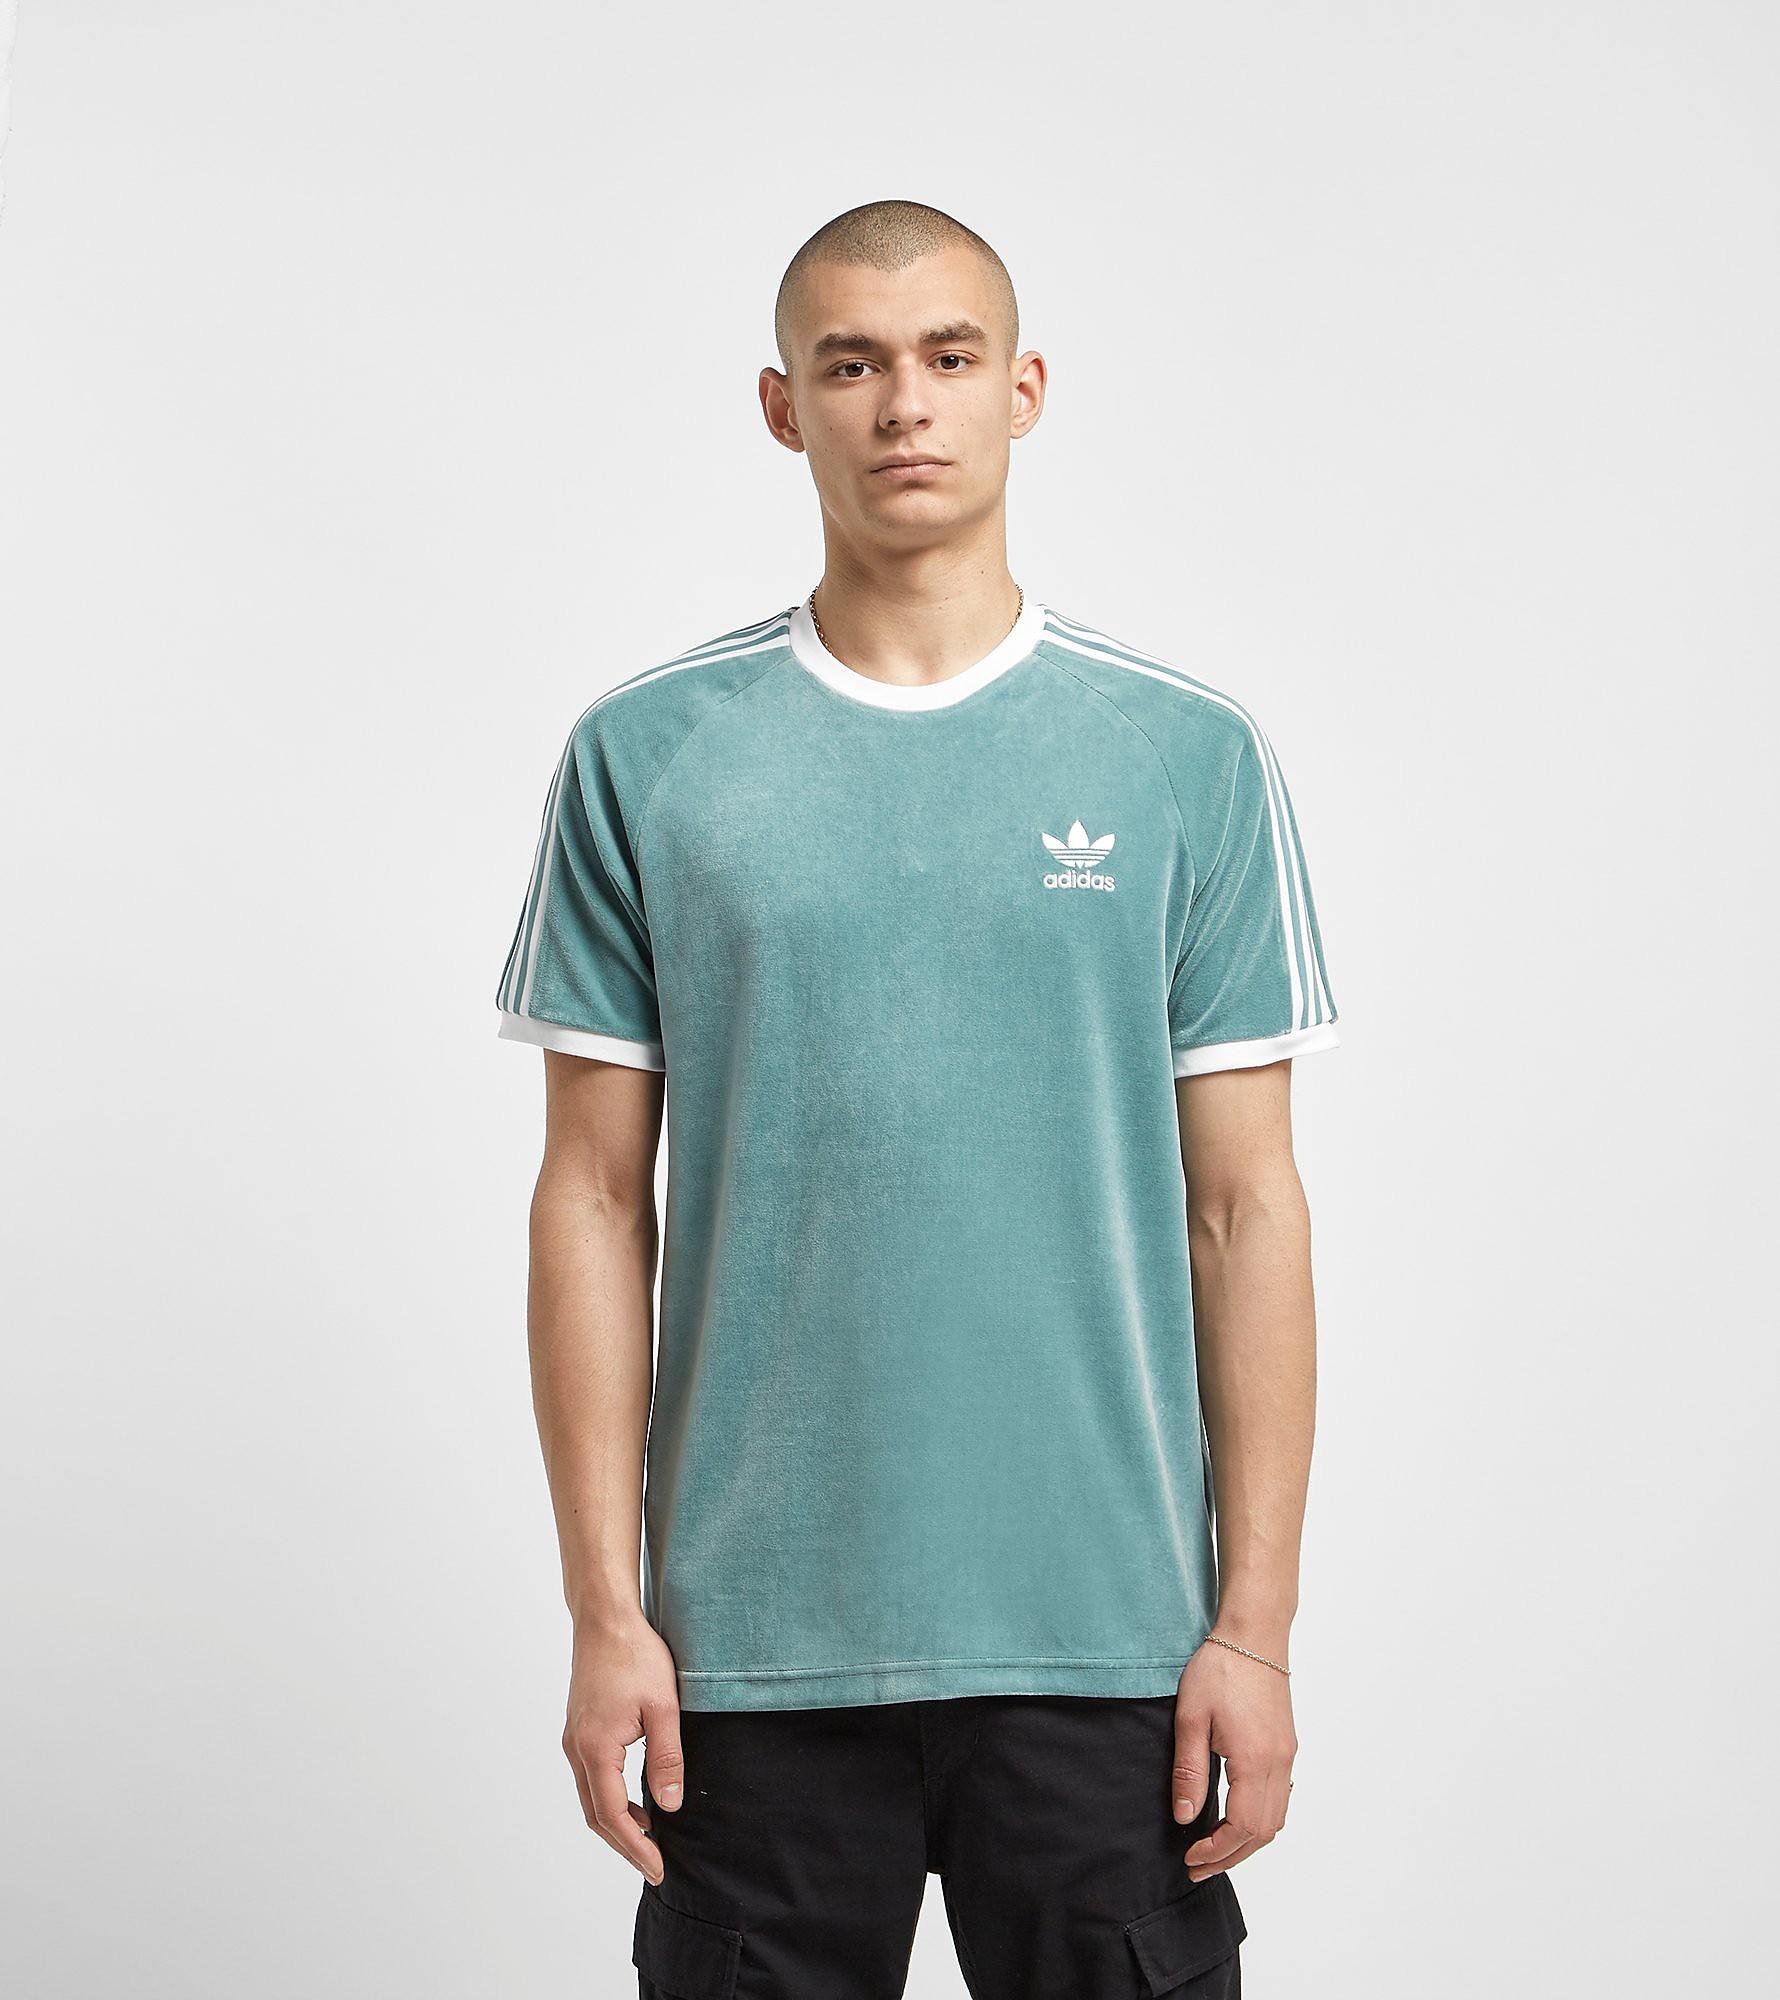 adidas Originals Cozy T-Shirt